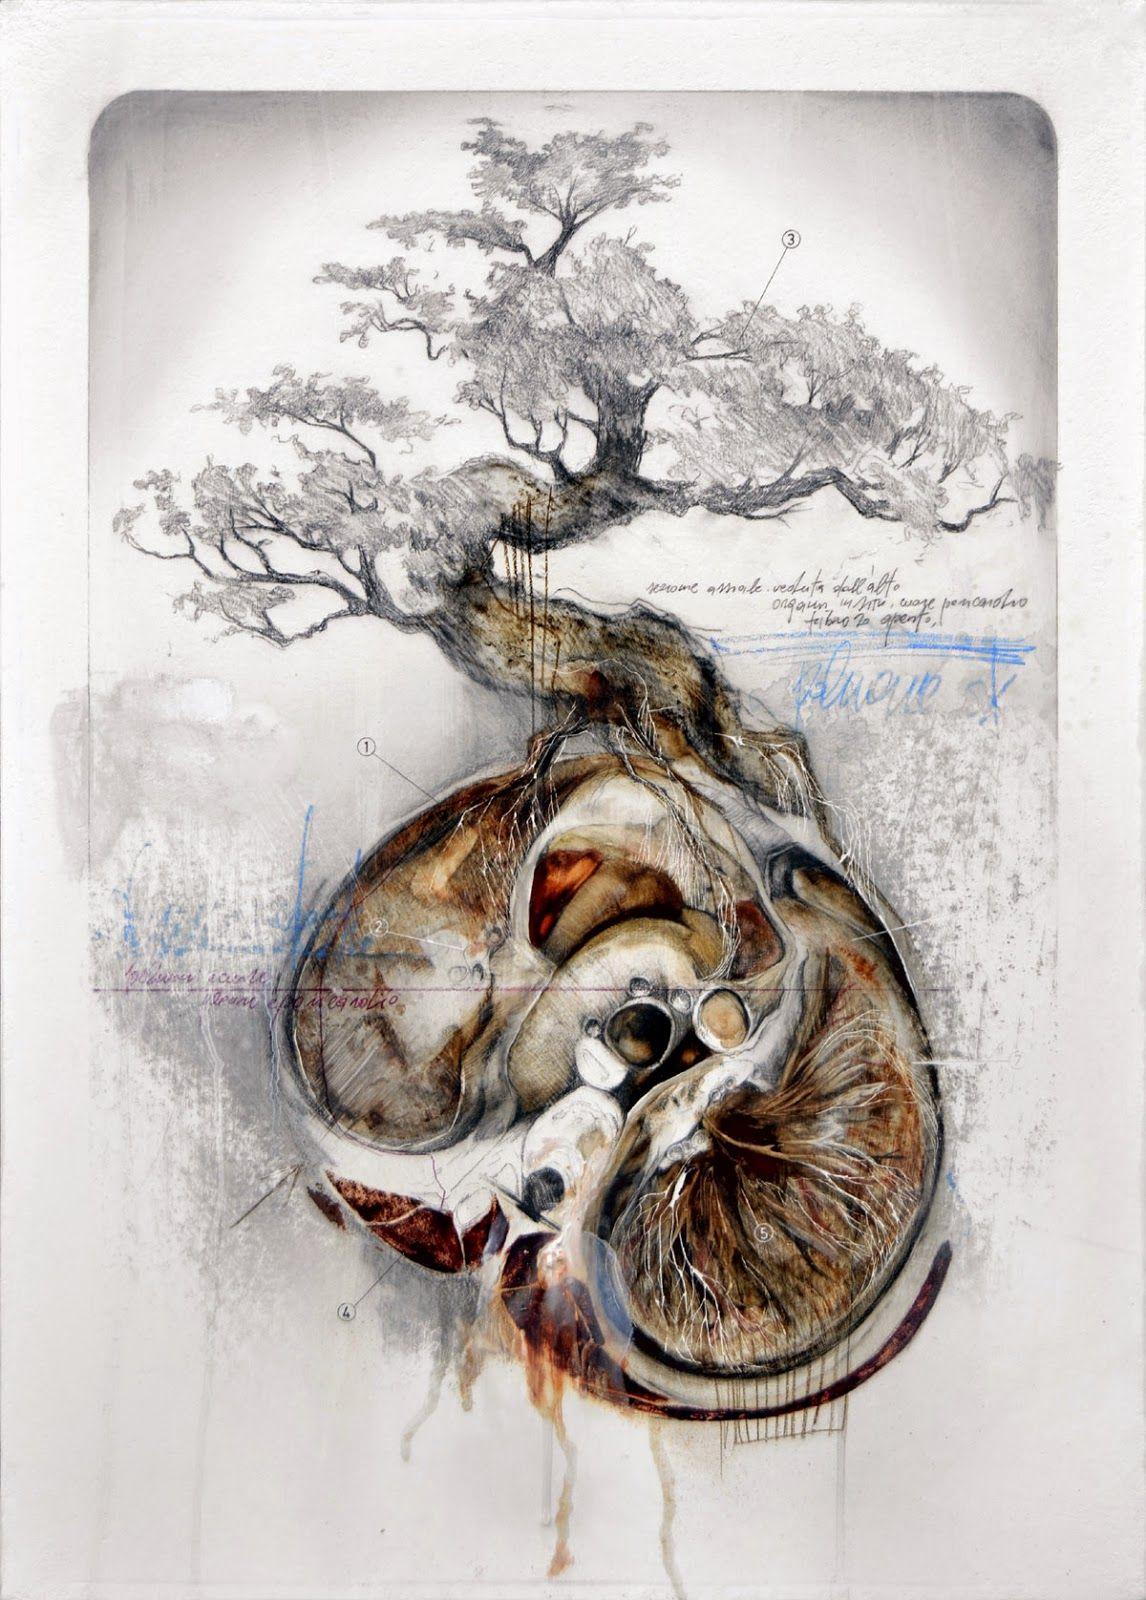 La anatomía y la naturaleza se unen en la ilustración de Nunzio Paci ...